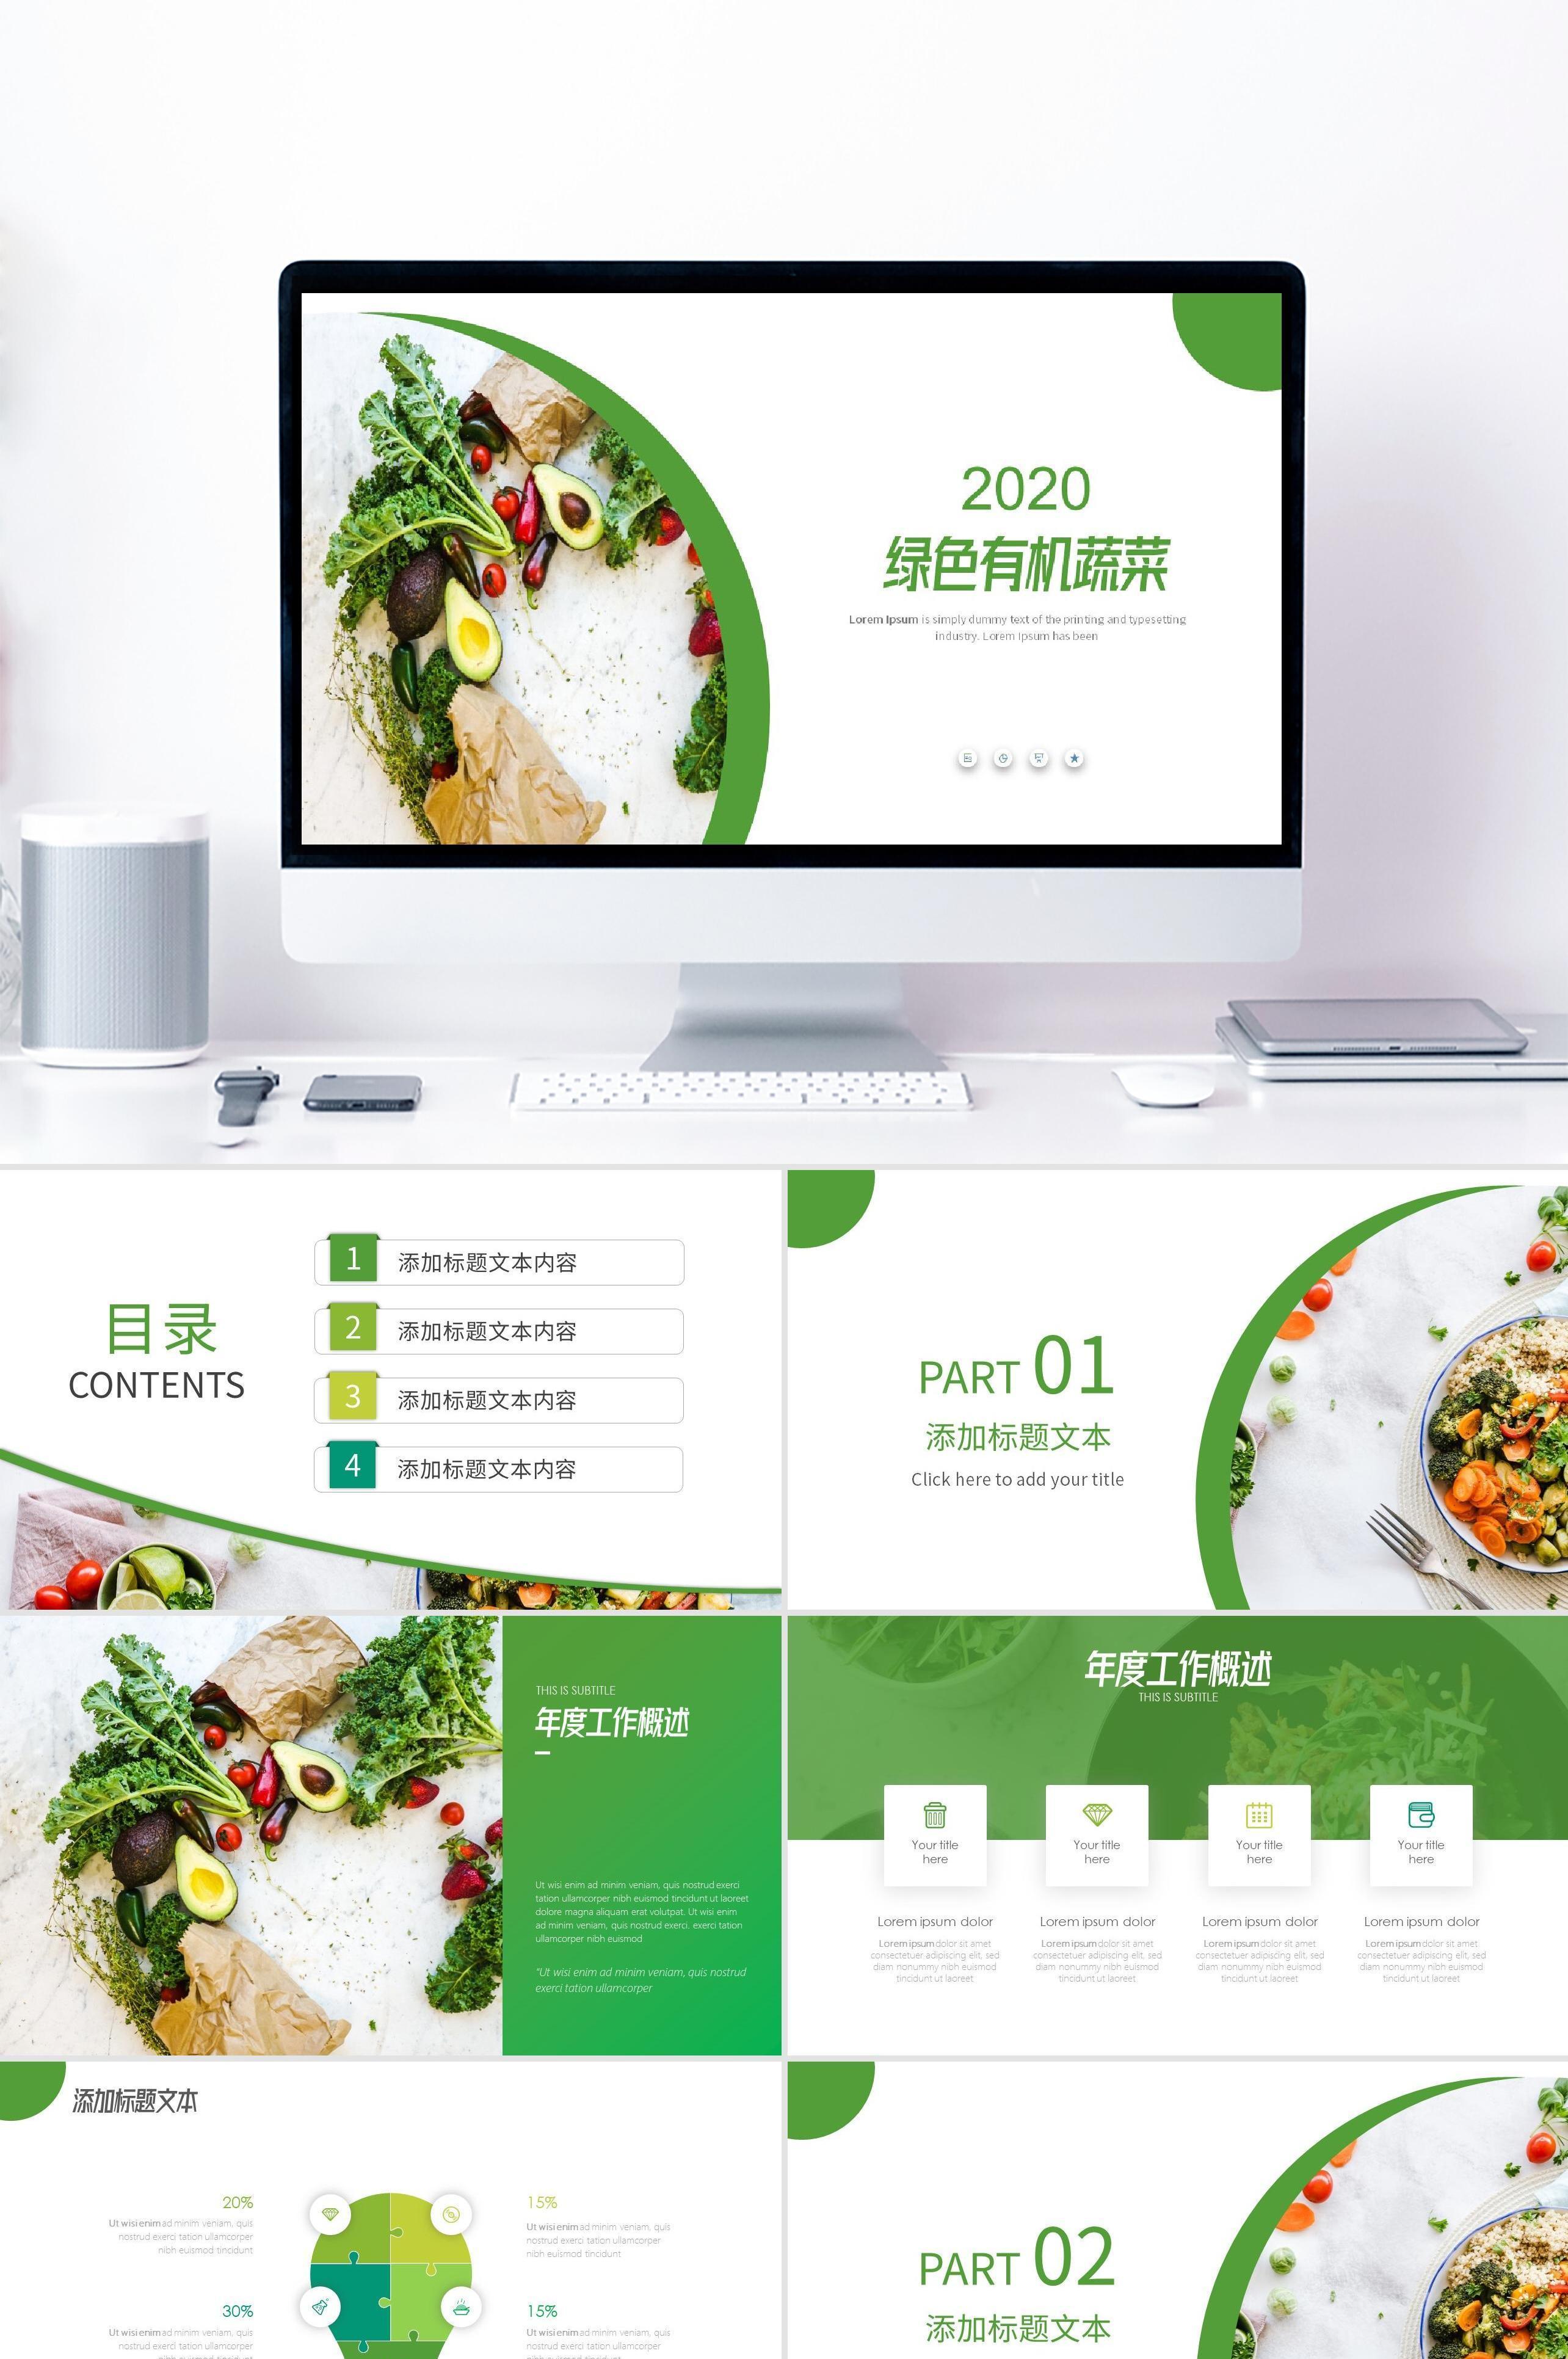 绿色有机蔬菜农业产品PPT模板